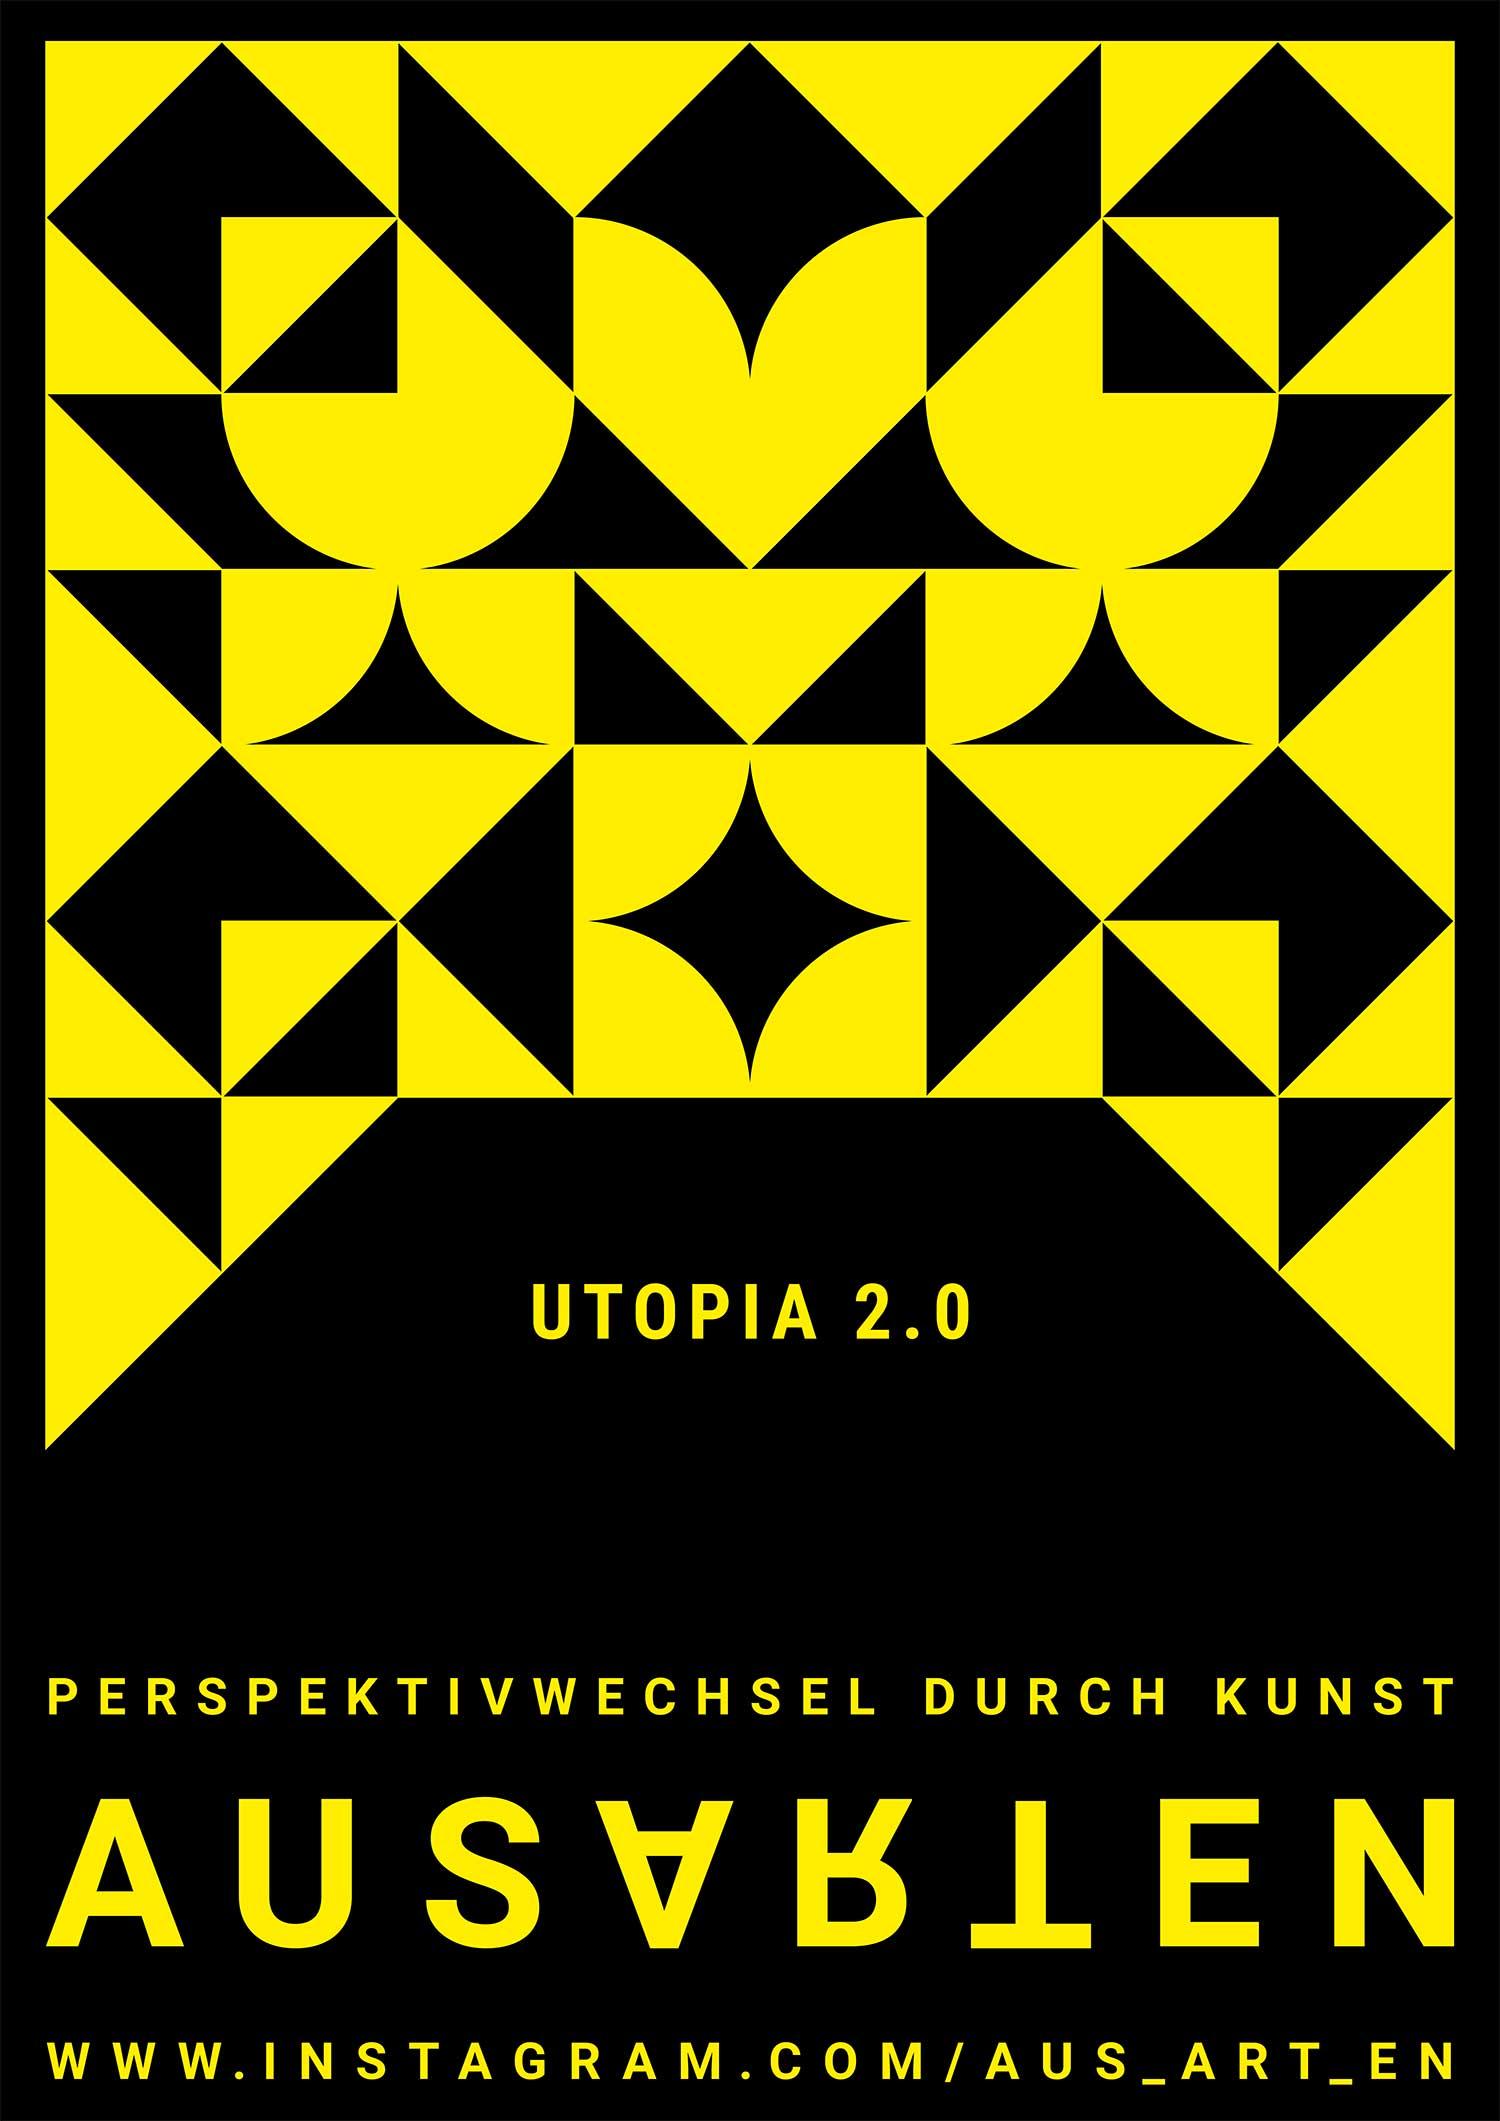 ausARTen Flyer 2020: Utopia 2.0